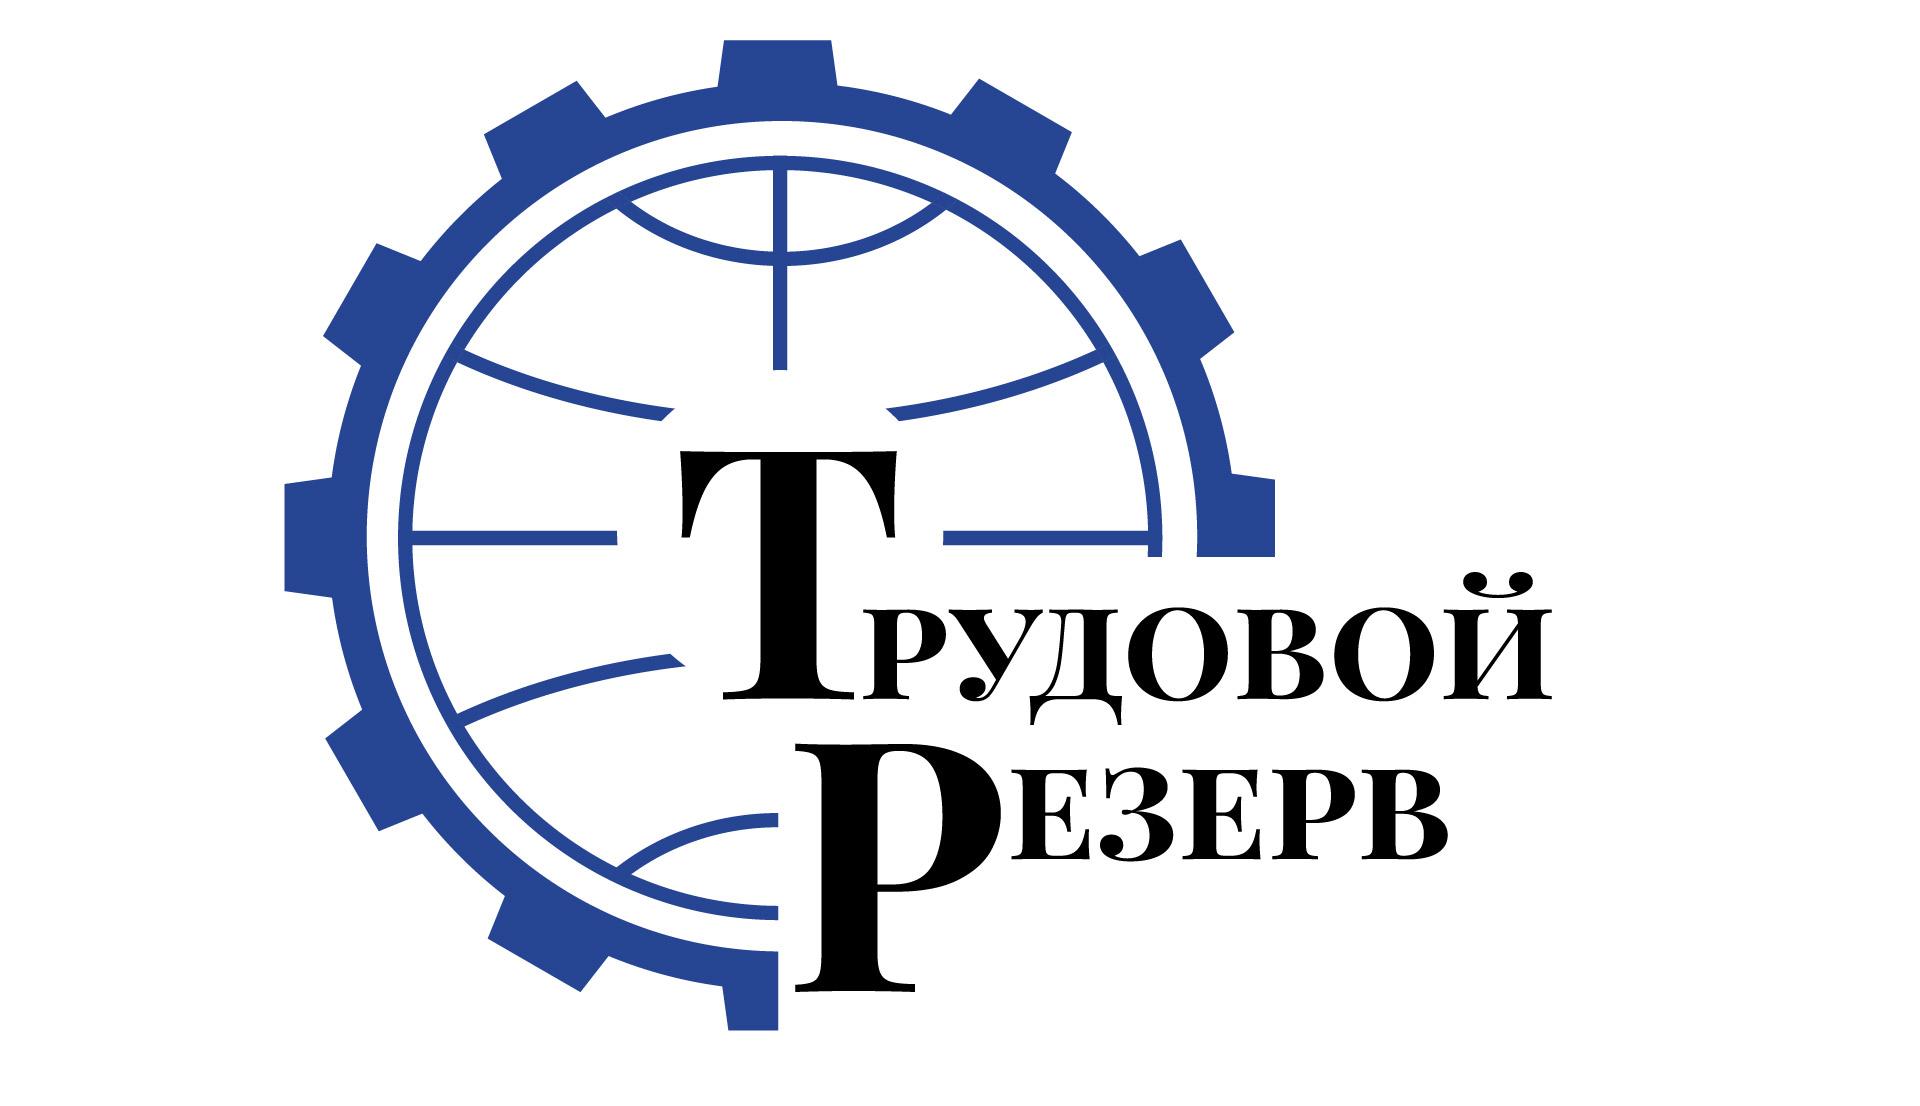 Работа в компании «Трудовой резерв» в Барнаула